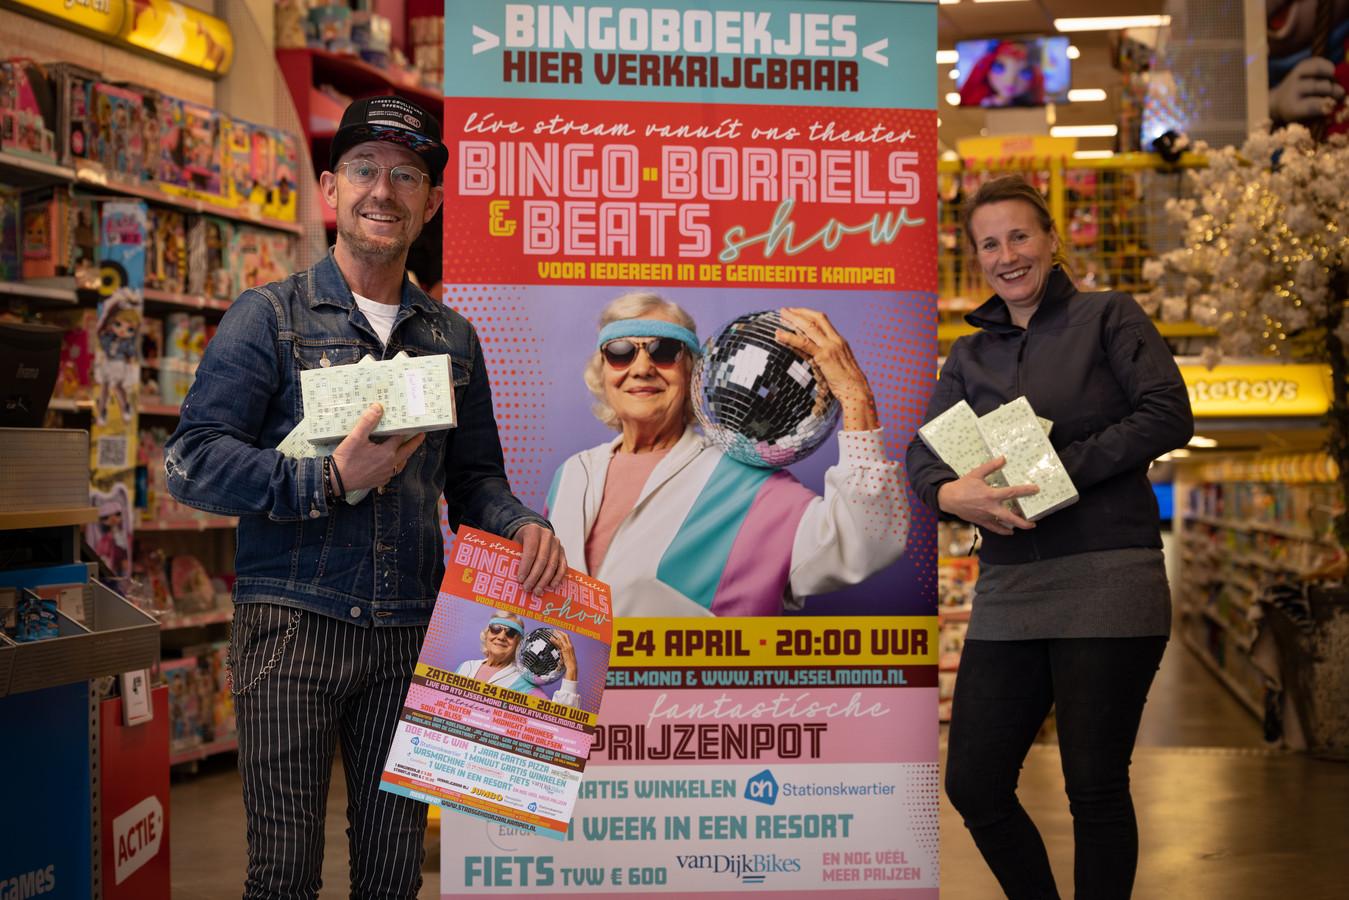 Op zaterdagavond 24 april is er een grootse bingo-avond in de Stadsgehoorzaal in Kampen. Presentatoren zijn Michiel de Groot en Geri de Windt.